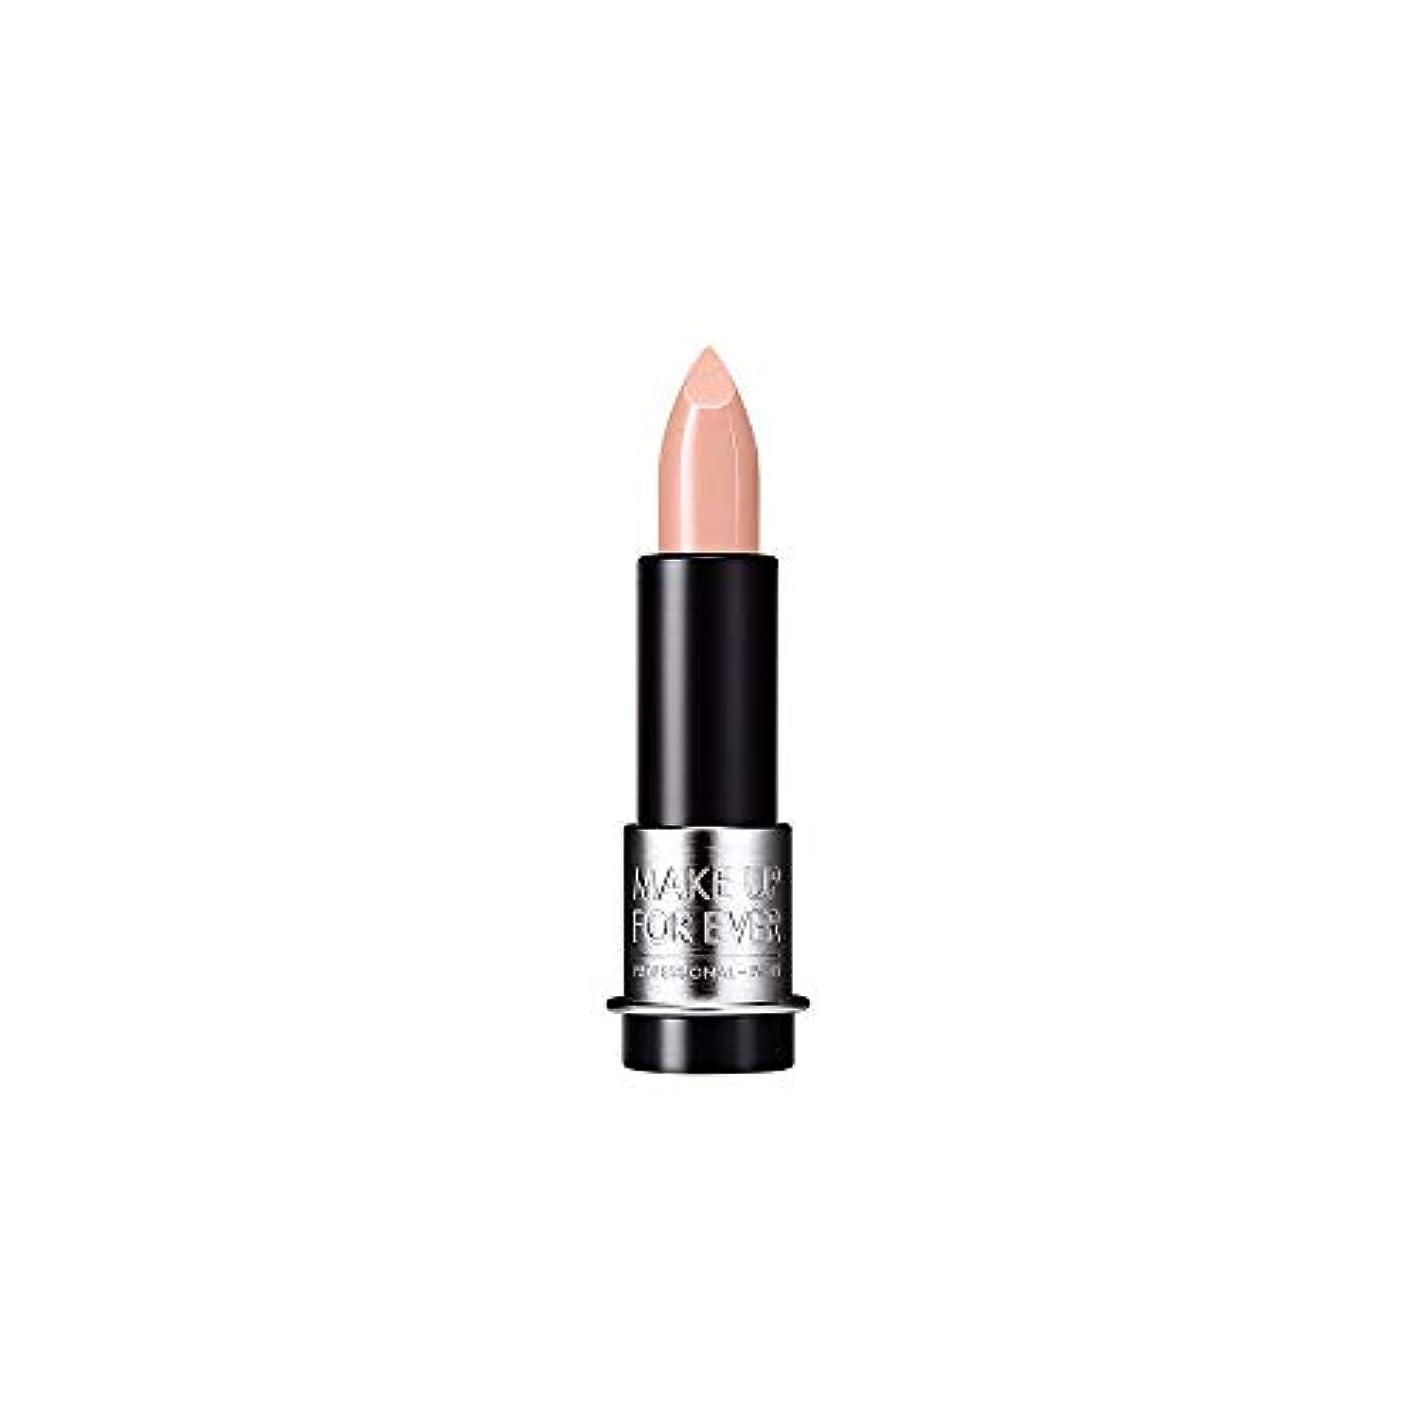 間欠アパルカプセル[MAKE UP FOR EVER] ヌードベージュ - これまでアーティストルージュクリーム口紅3.5グラムのC103を補います - MAKE UP FOR EVER Artist Rouge Creme Lipstick...